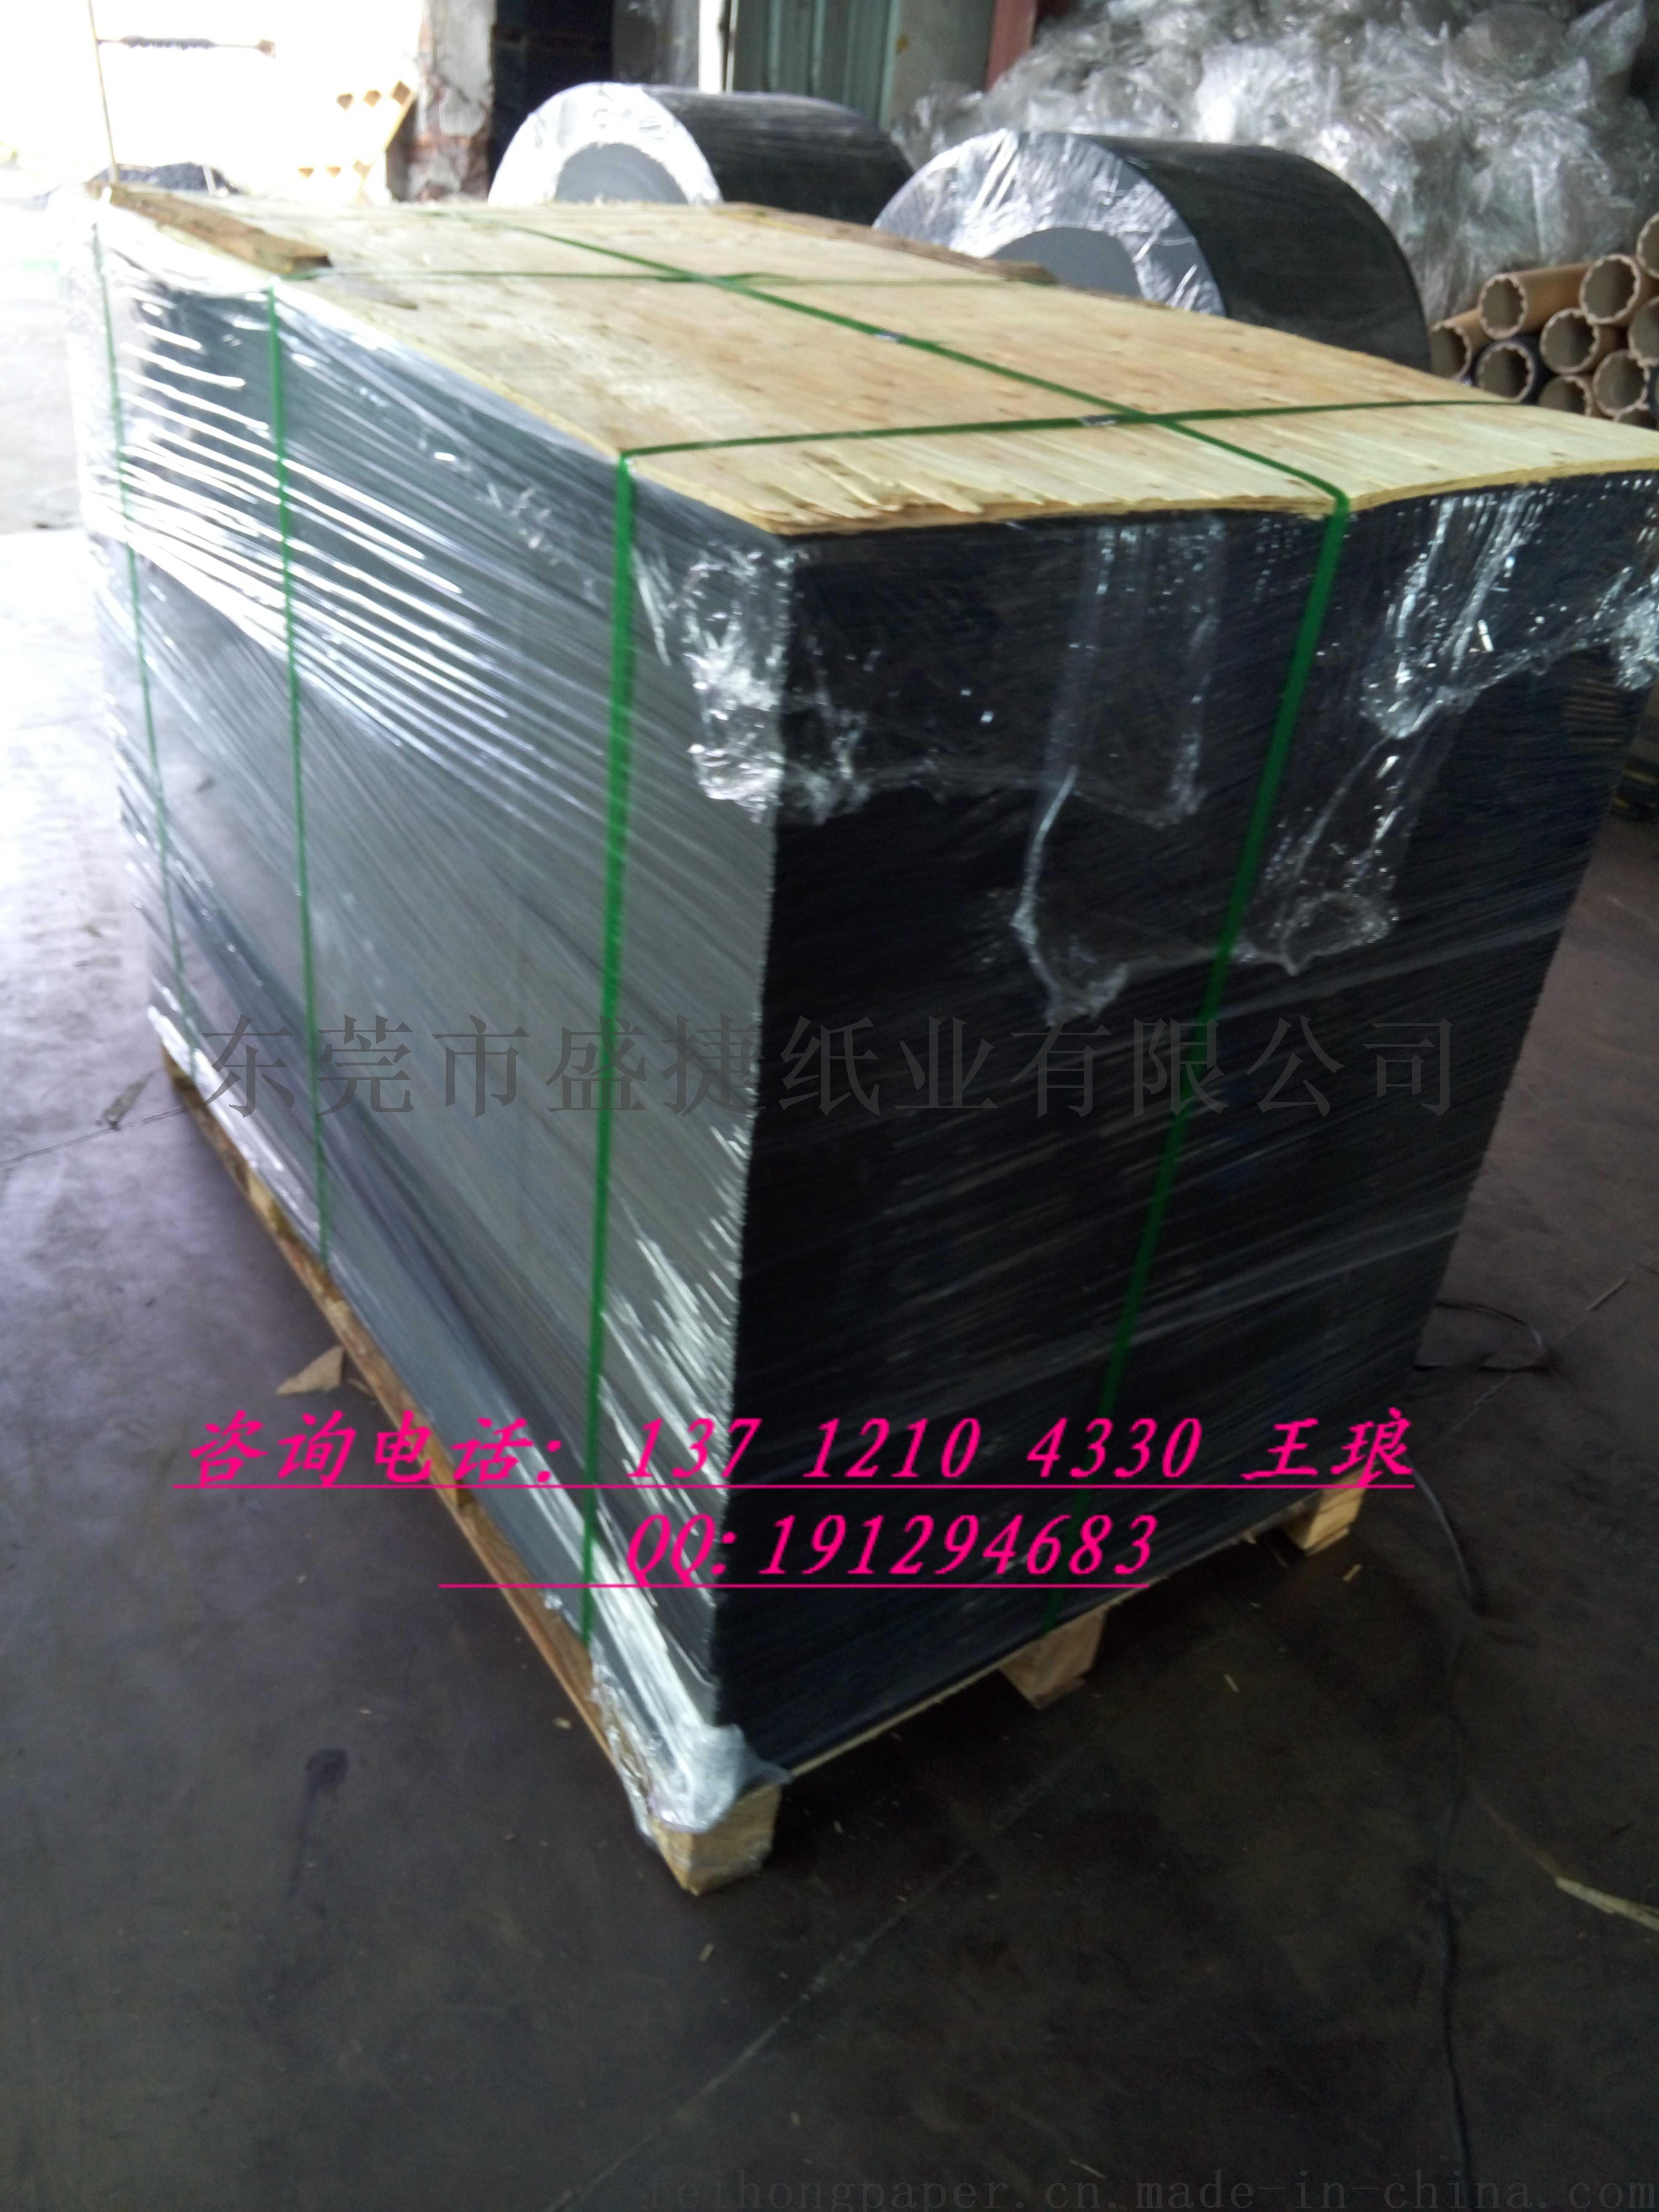 Compress_P50810-162206